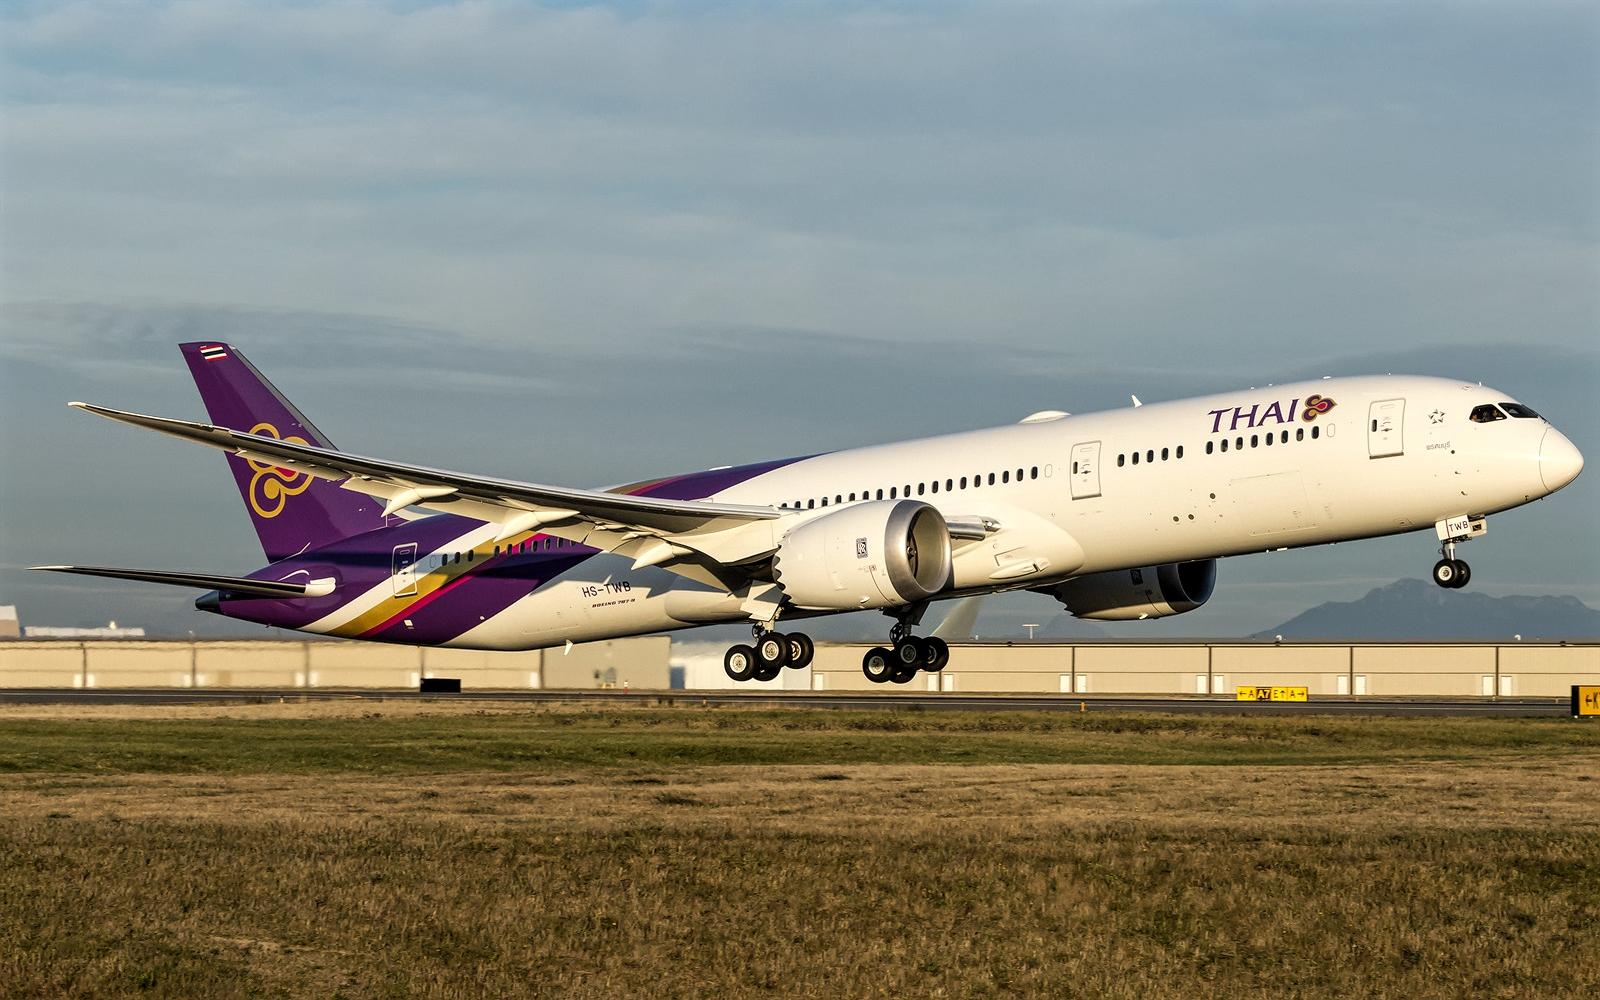 Boeing 787-9 of Thai Airways HS-TWB Takeoff